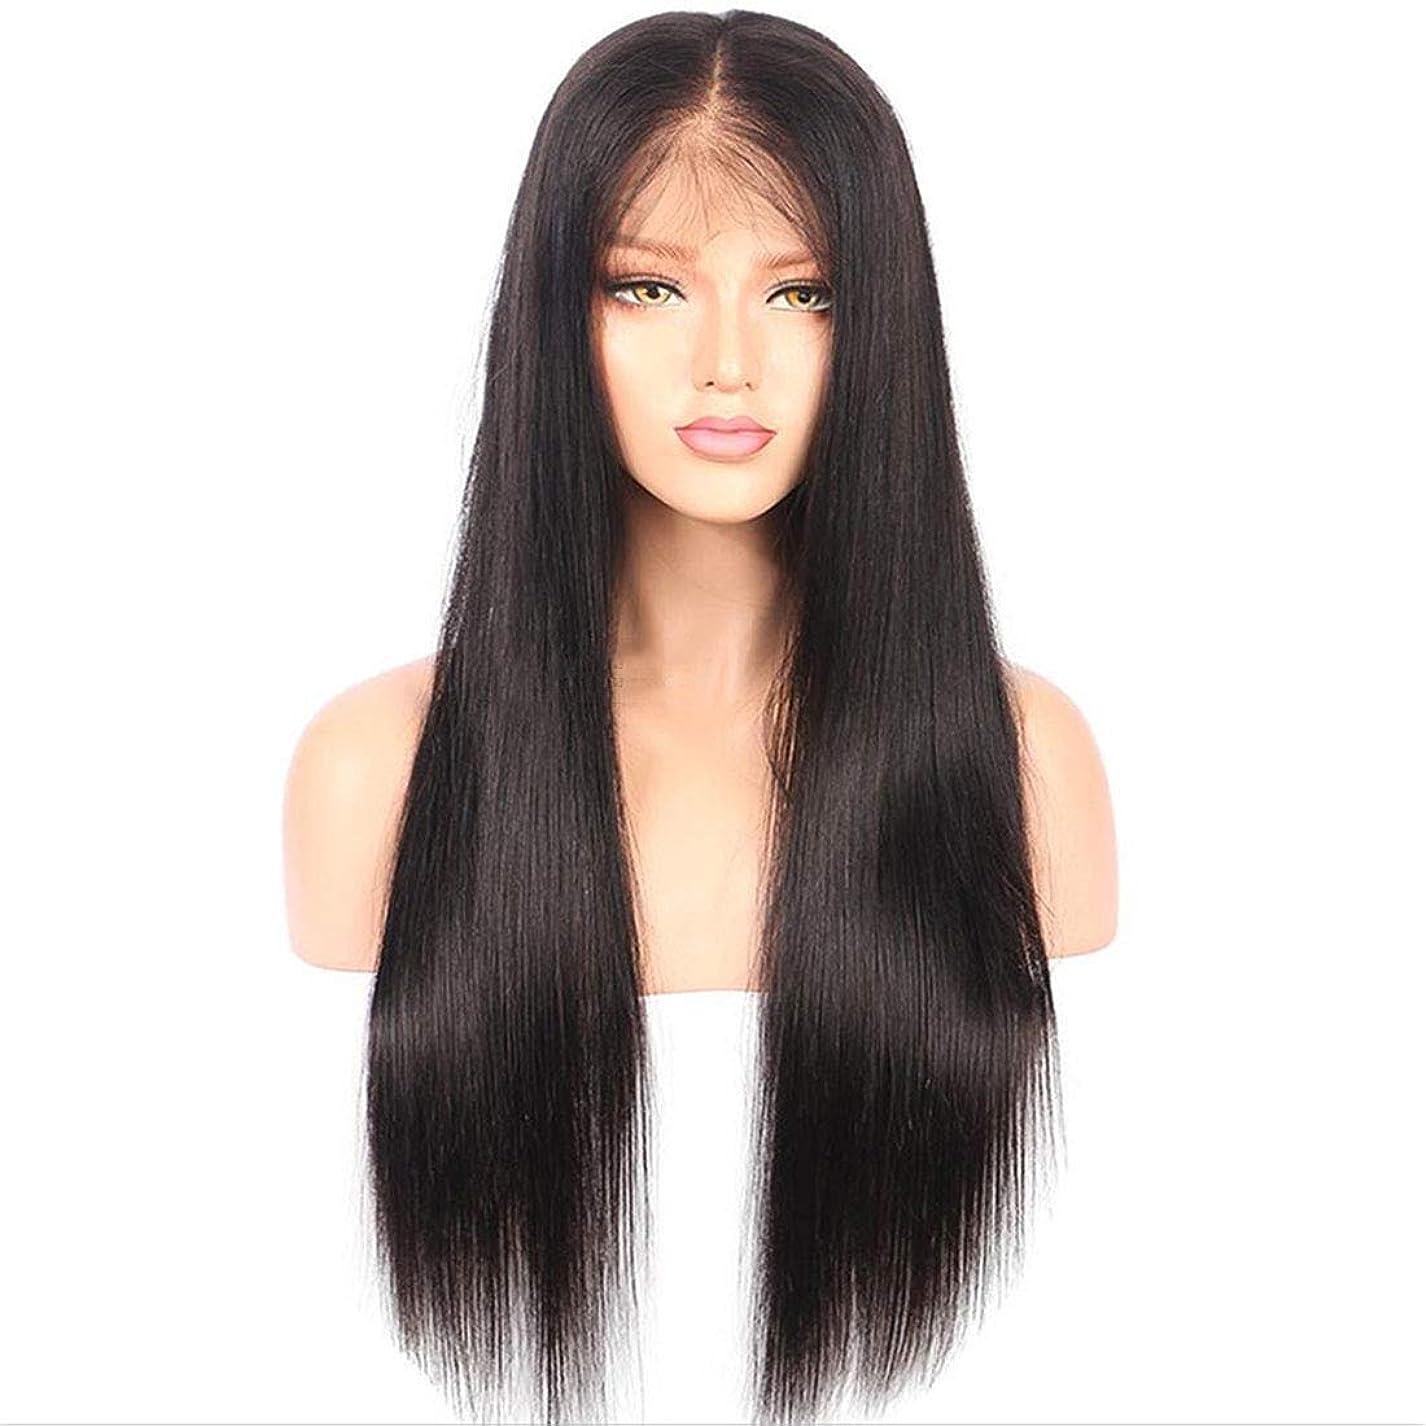 パスポートリーズ先生BOBIDYEE 女性のフロントレース合成ロングストレートウィッグセット、黒高温ファイバーウィッグ、女性のための適切な合成髪レースかつらロールプレイングかつら (色 : 黒)